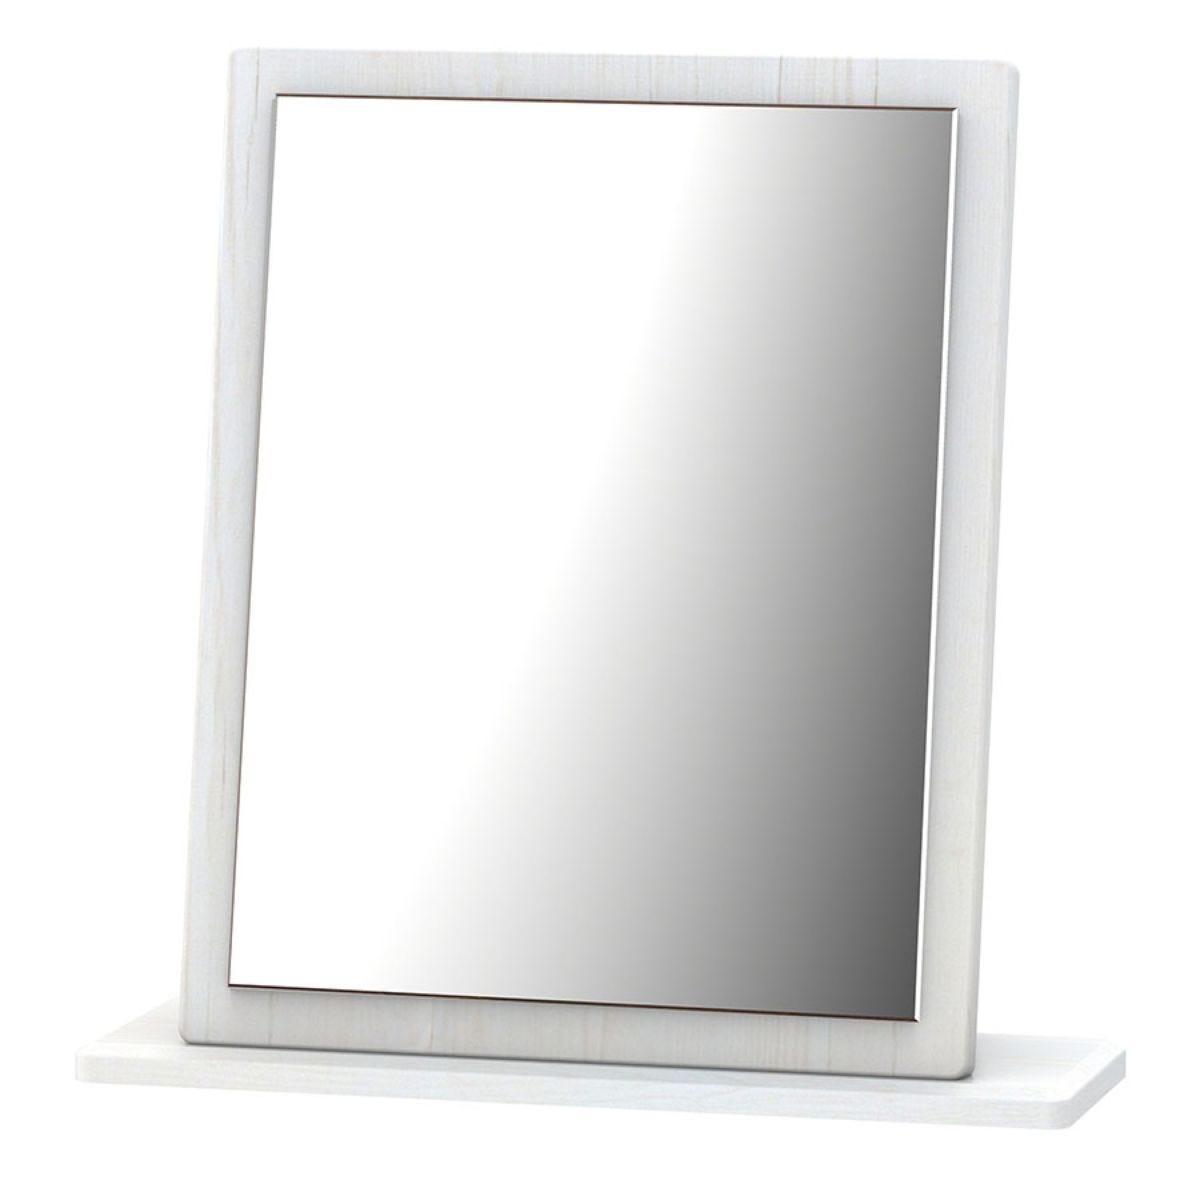 Otega Dressing Table Mirror - White